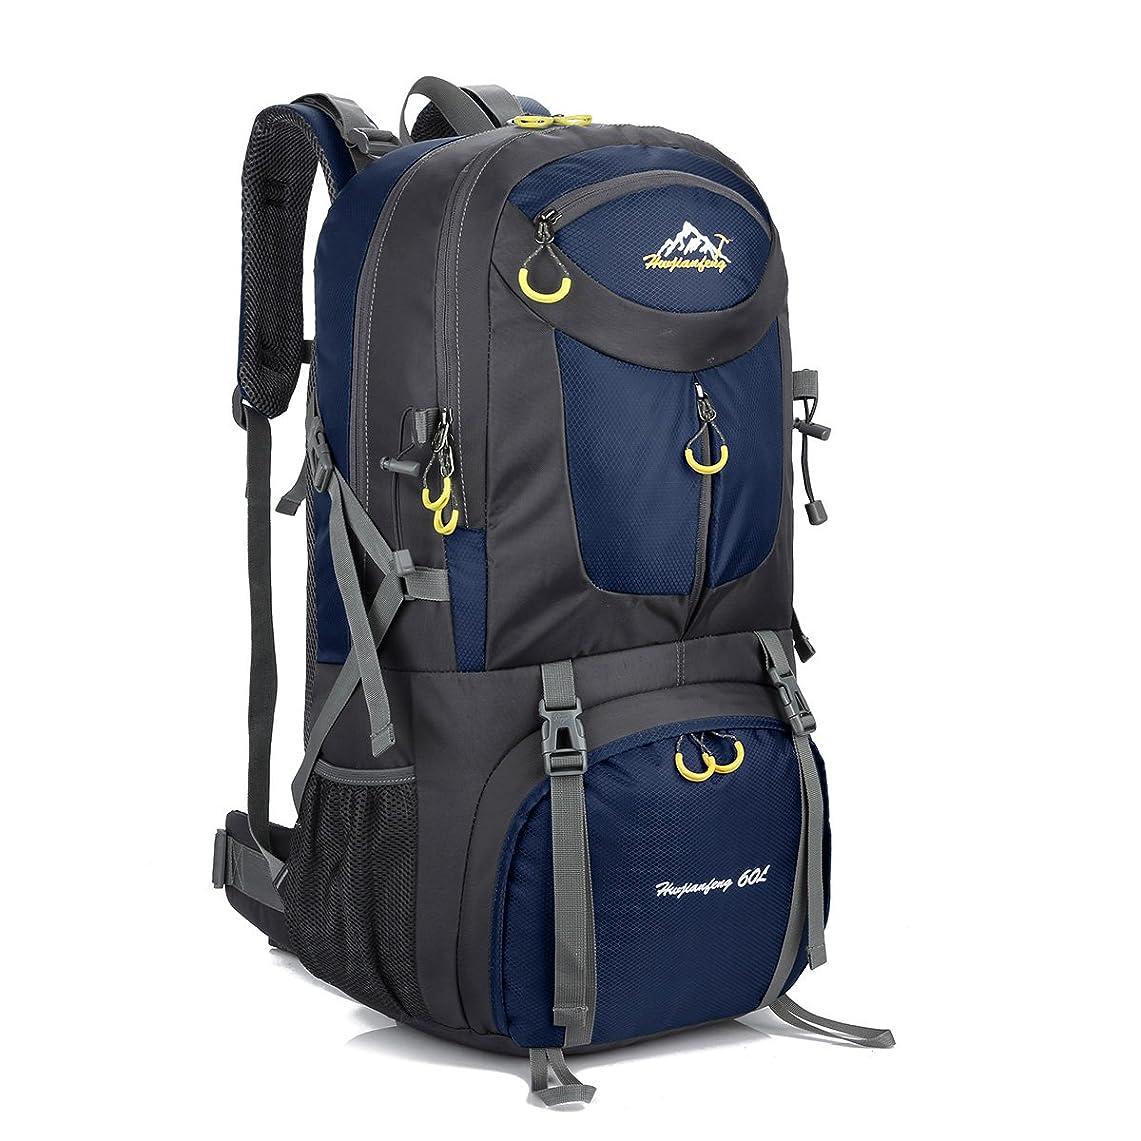 取り替える立ち向かう倍増Phoenix Ikki 40L 50L 60L 全8色 3サイズ対応 充実なポケット 撥水素材 通気性良 旅行 遠足 登山 キャンプ リュックサック バックパック レインカバー付き